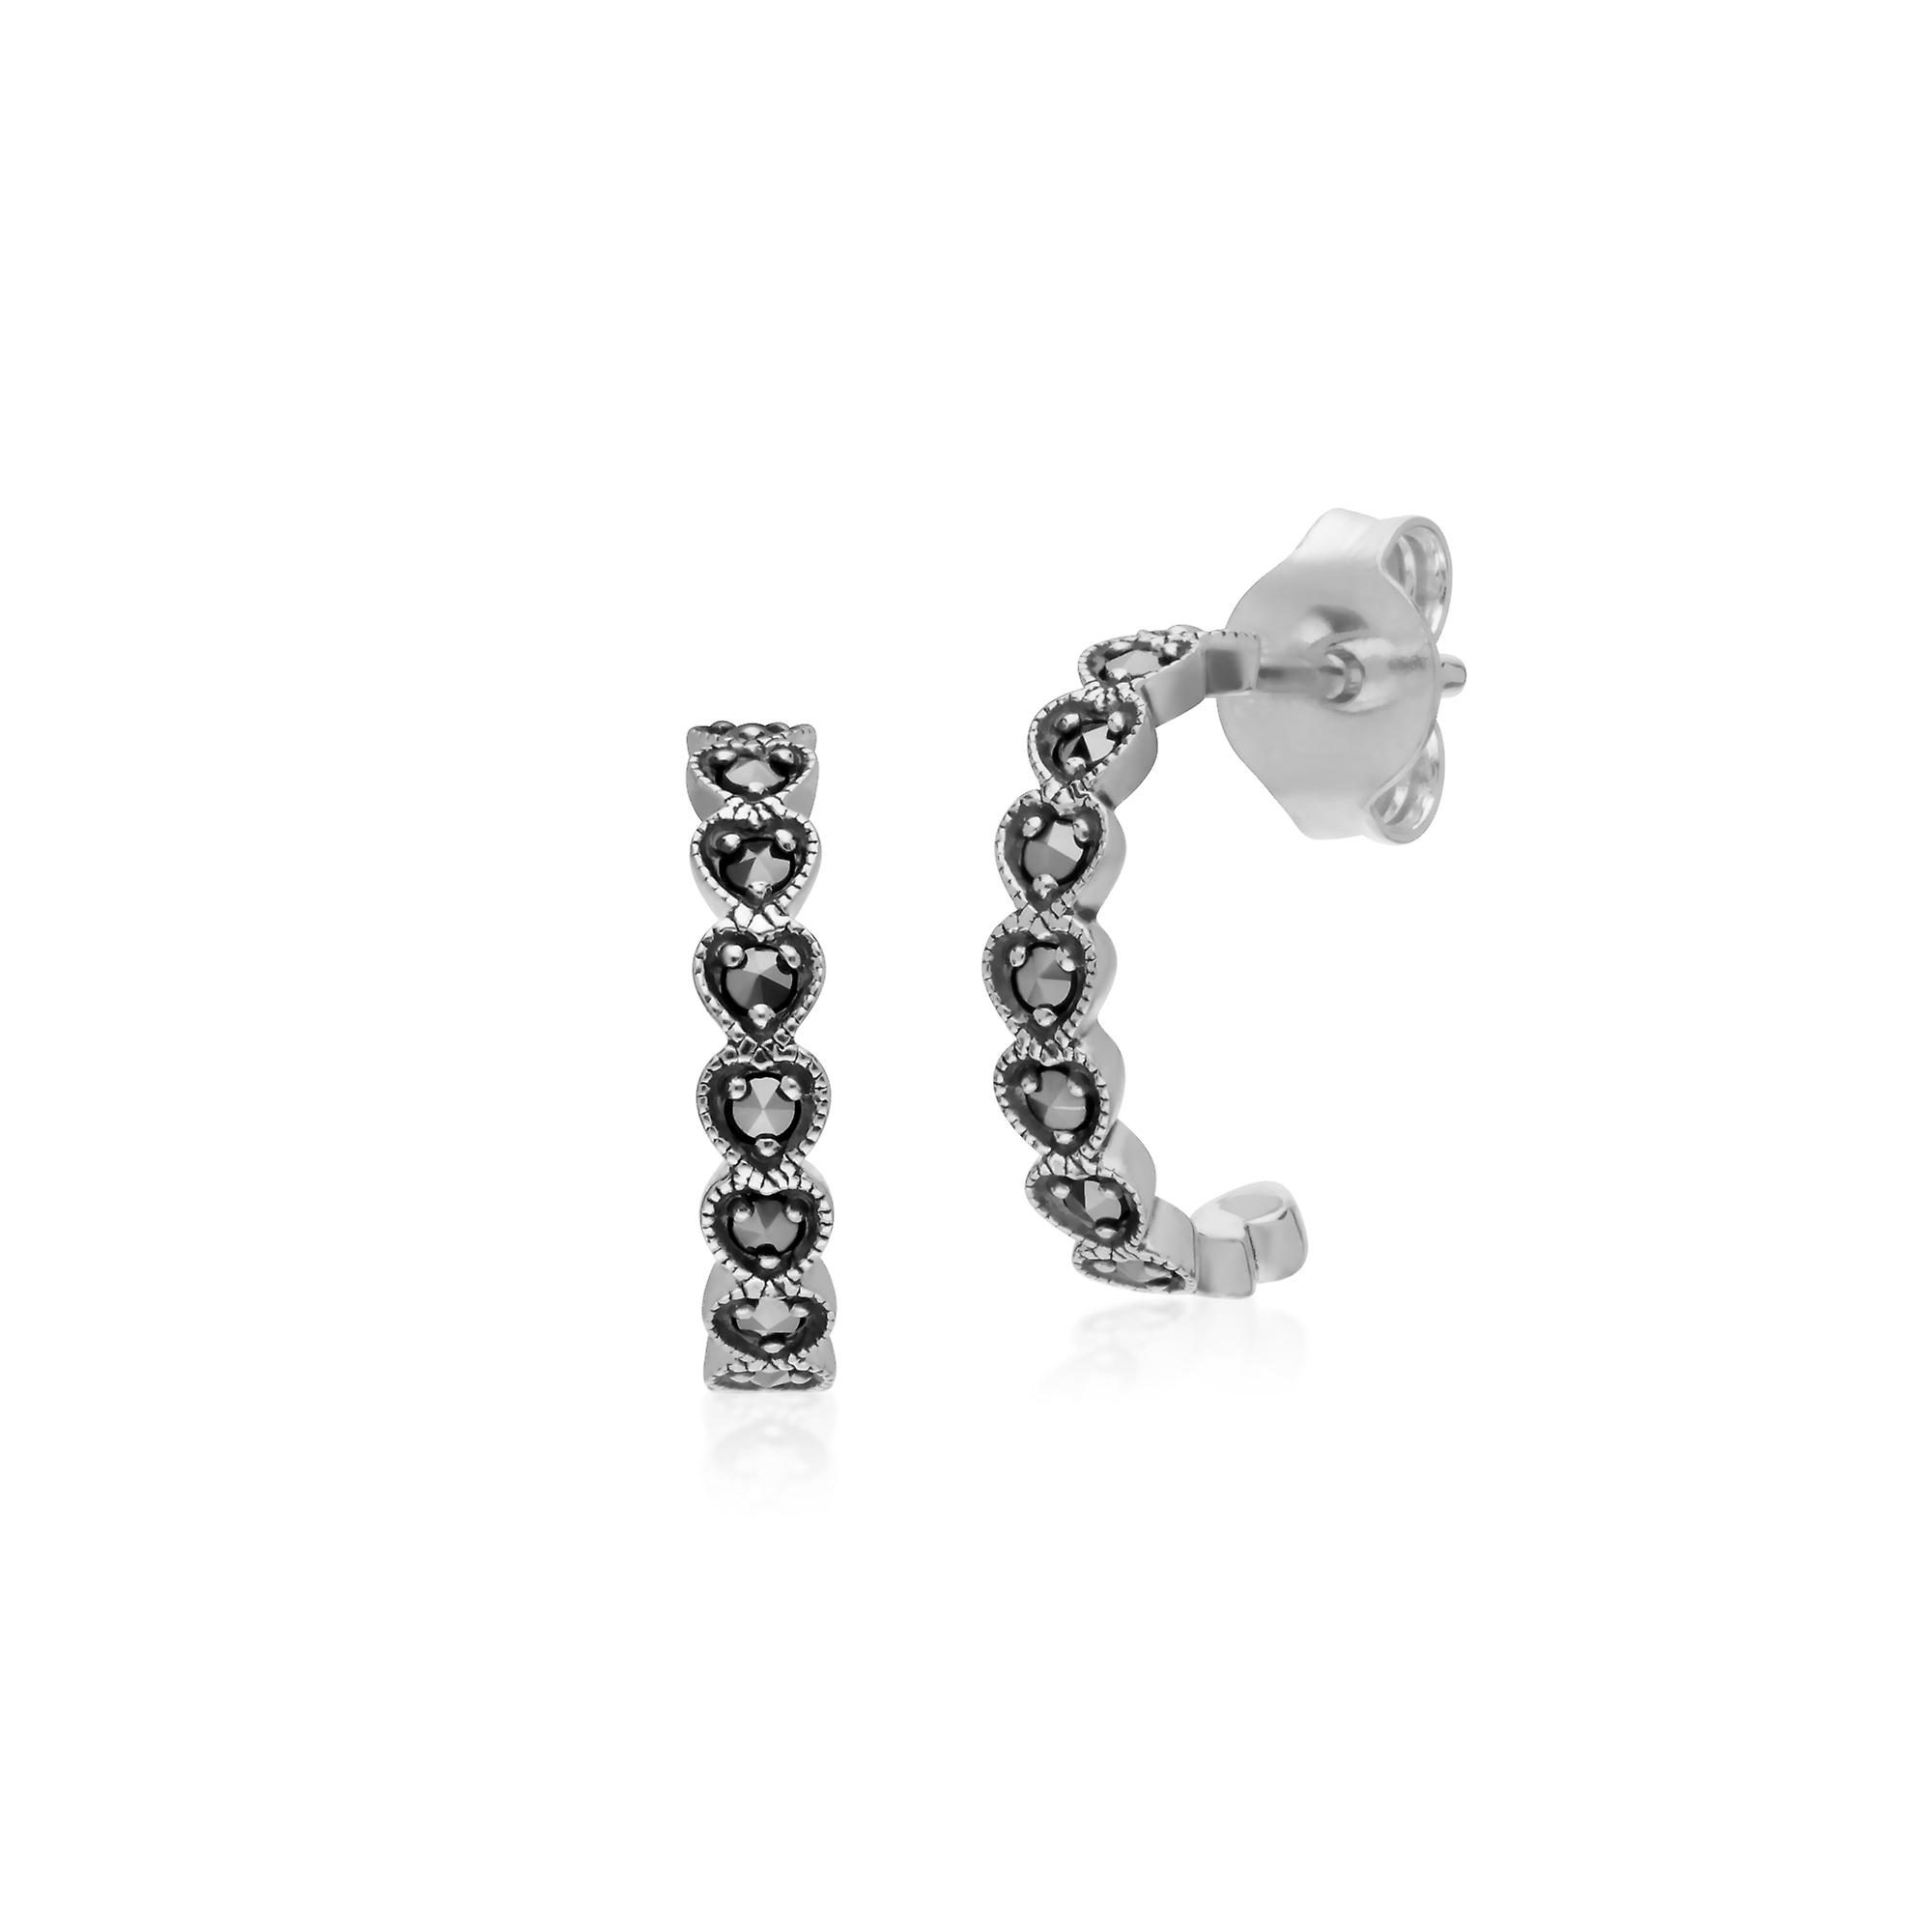 Gemondo Sterling Silver Marcasite Heart Half Hoop Stud Earrings